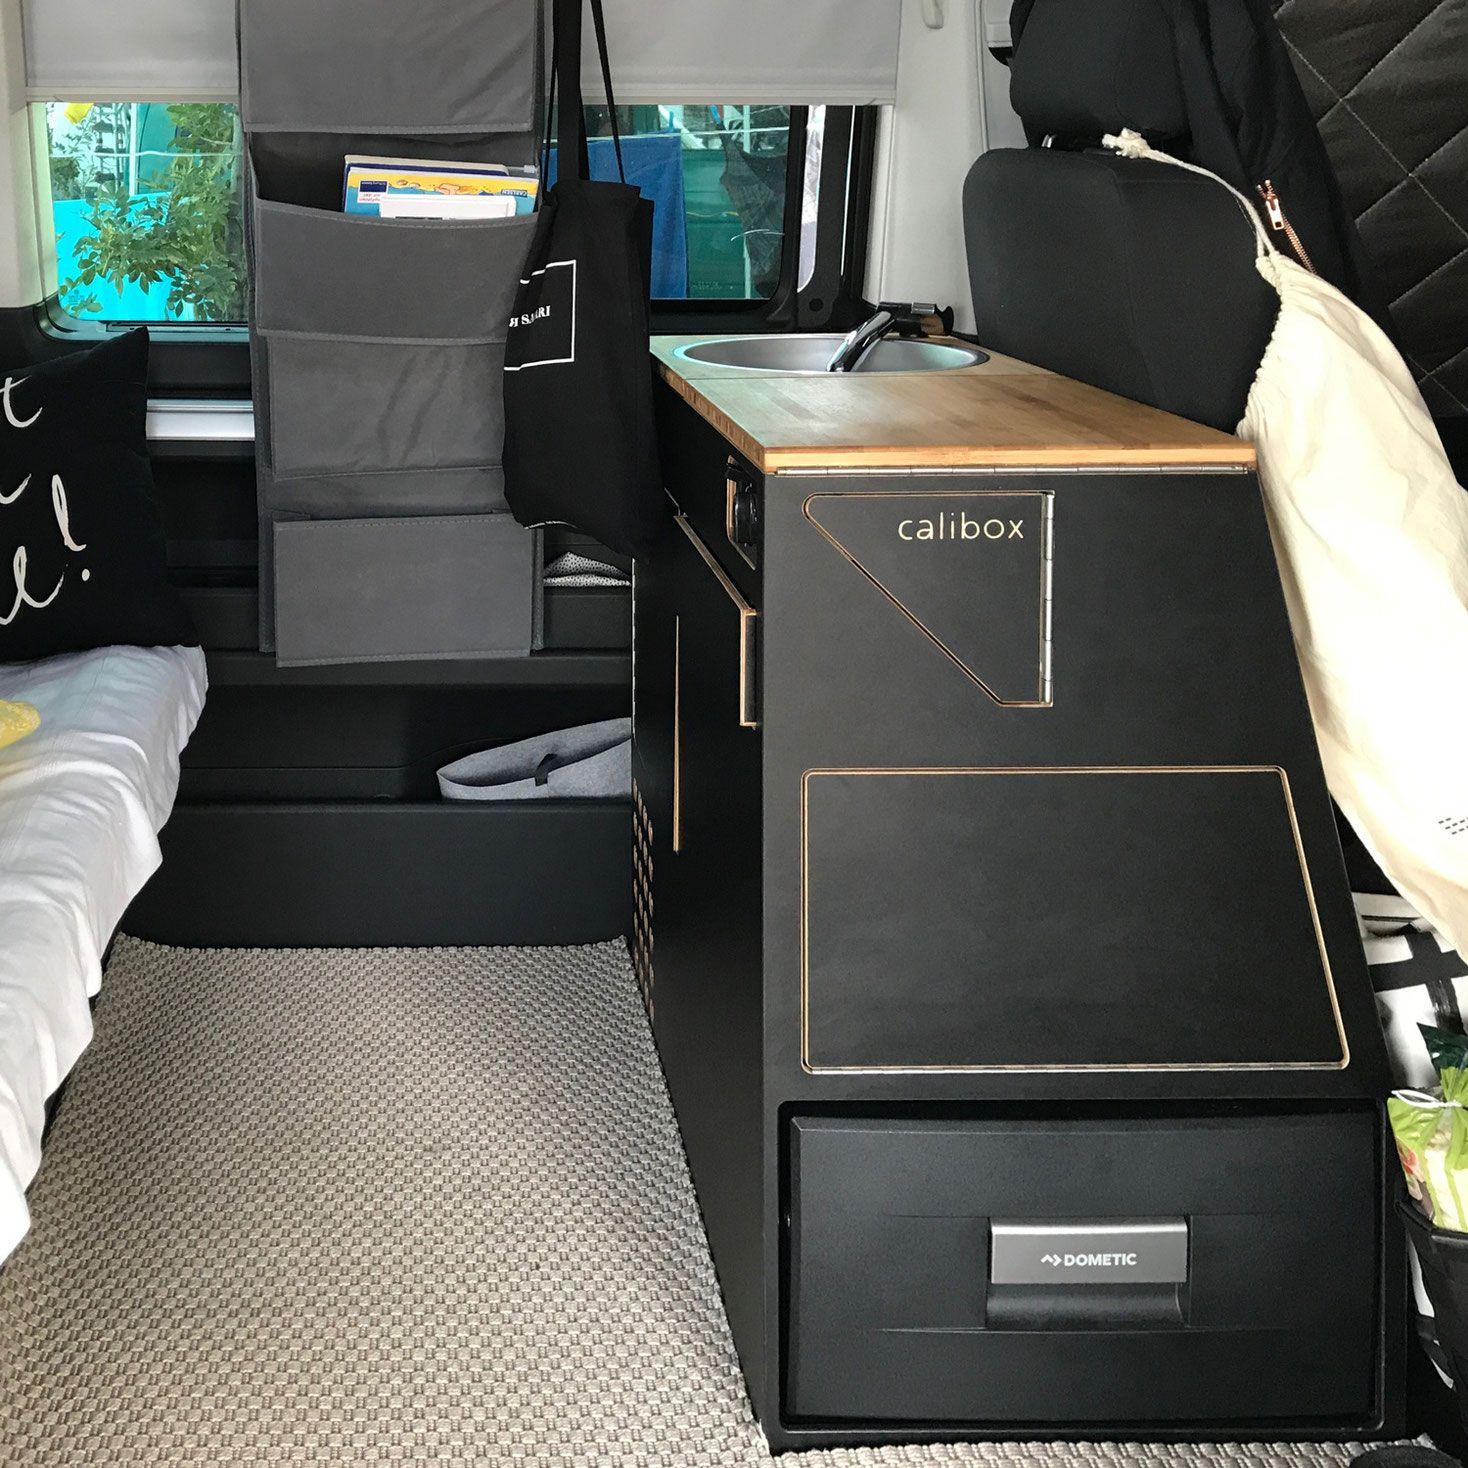 Innenküche, Innenraummodul, Campingküche, Büro und Stauraum hinter ...